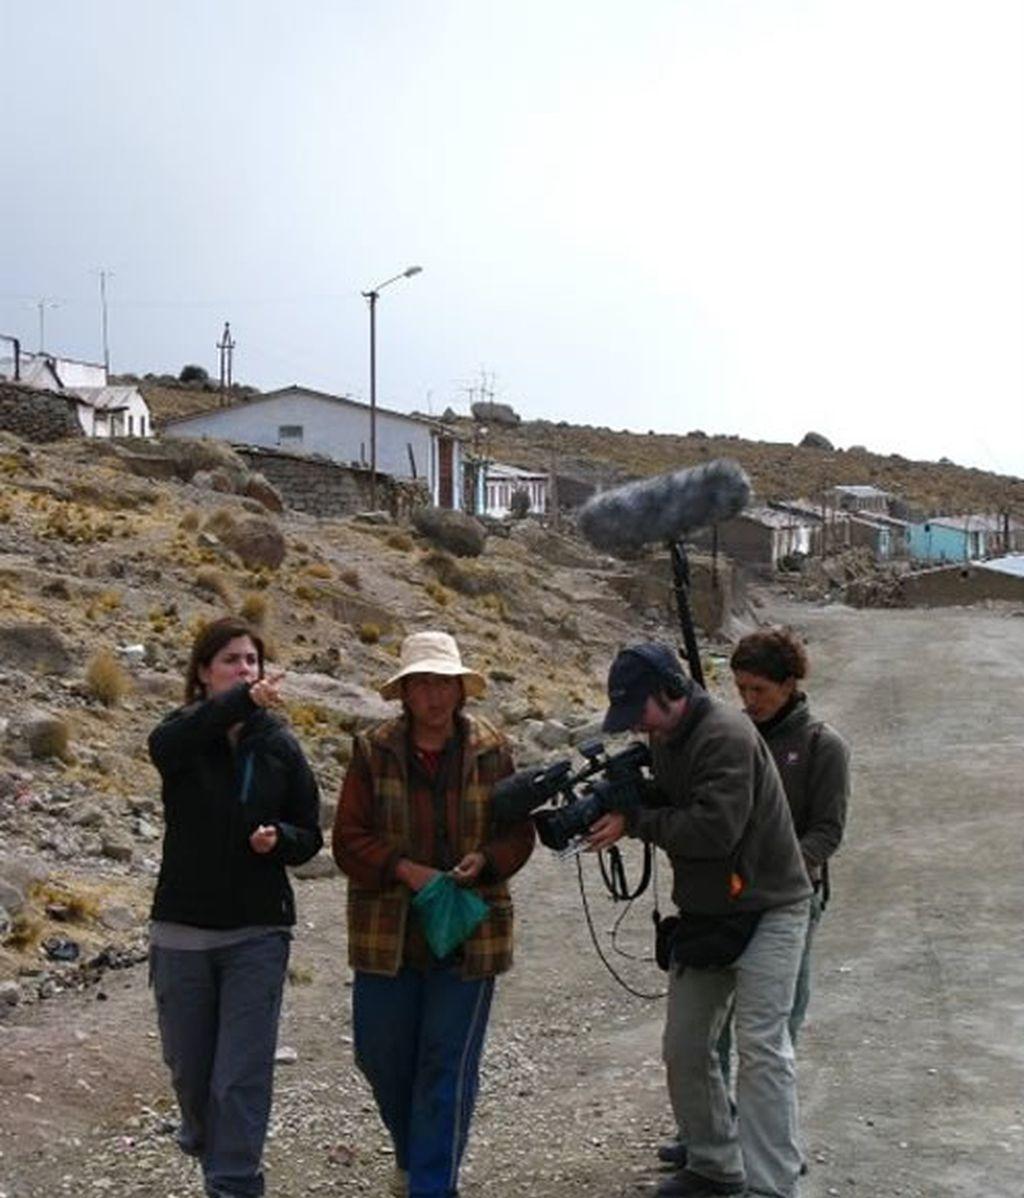 El equipo se prepara para entrar en la mina